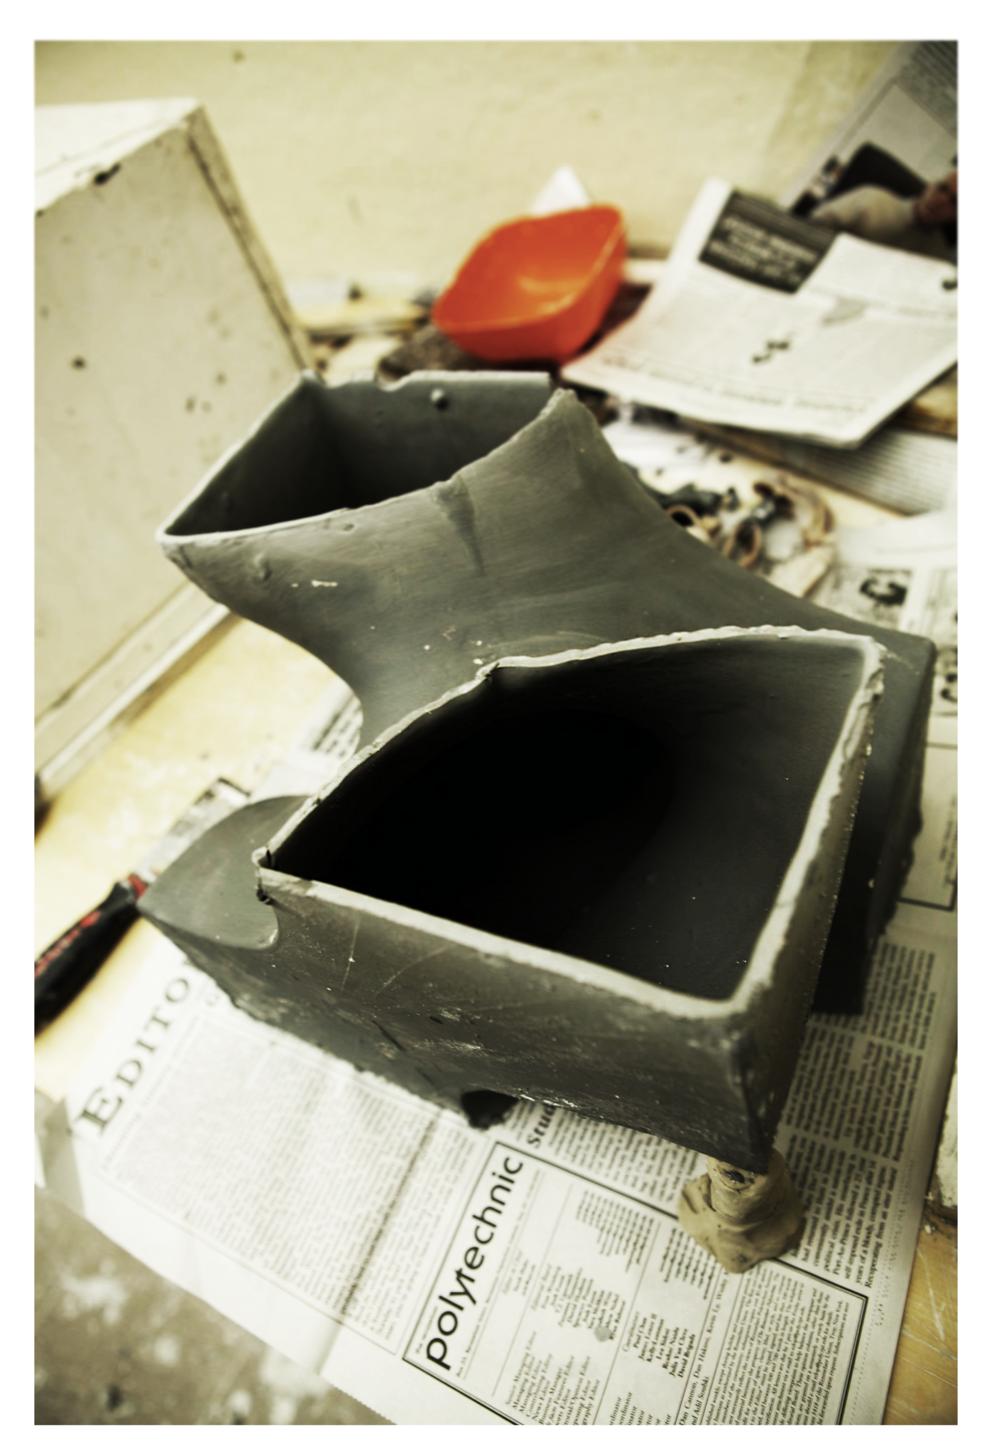 ceramicprocessimage3.png